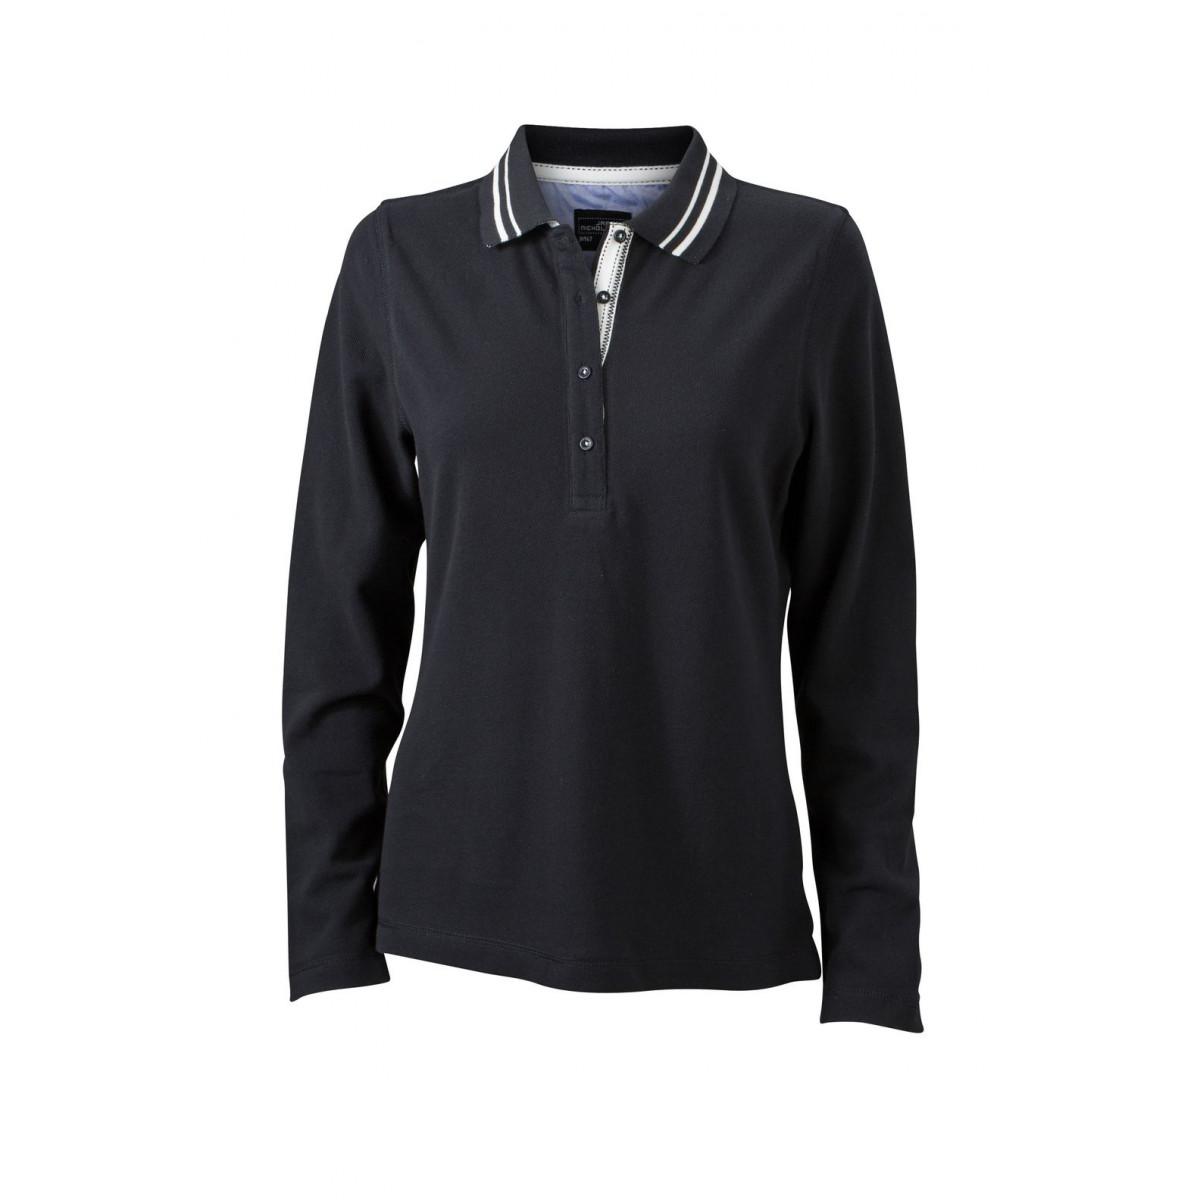 Рубашка поло женская JN967 Ladies Polo Long-Sleeved - Черный/Белый